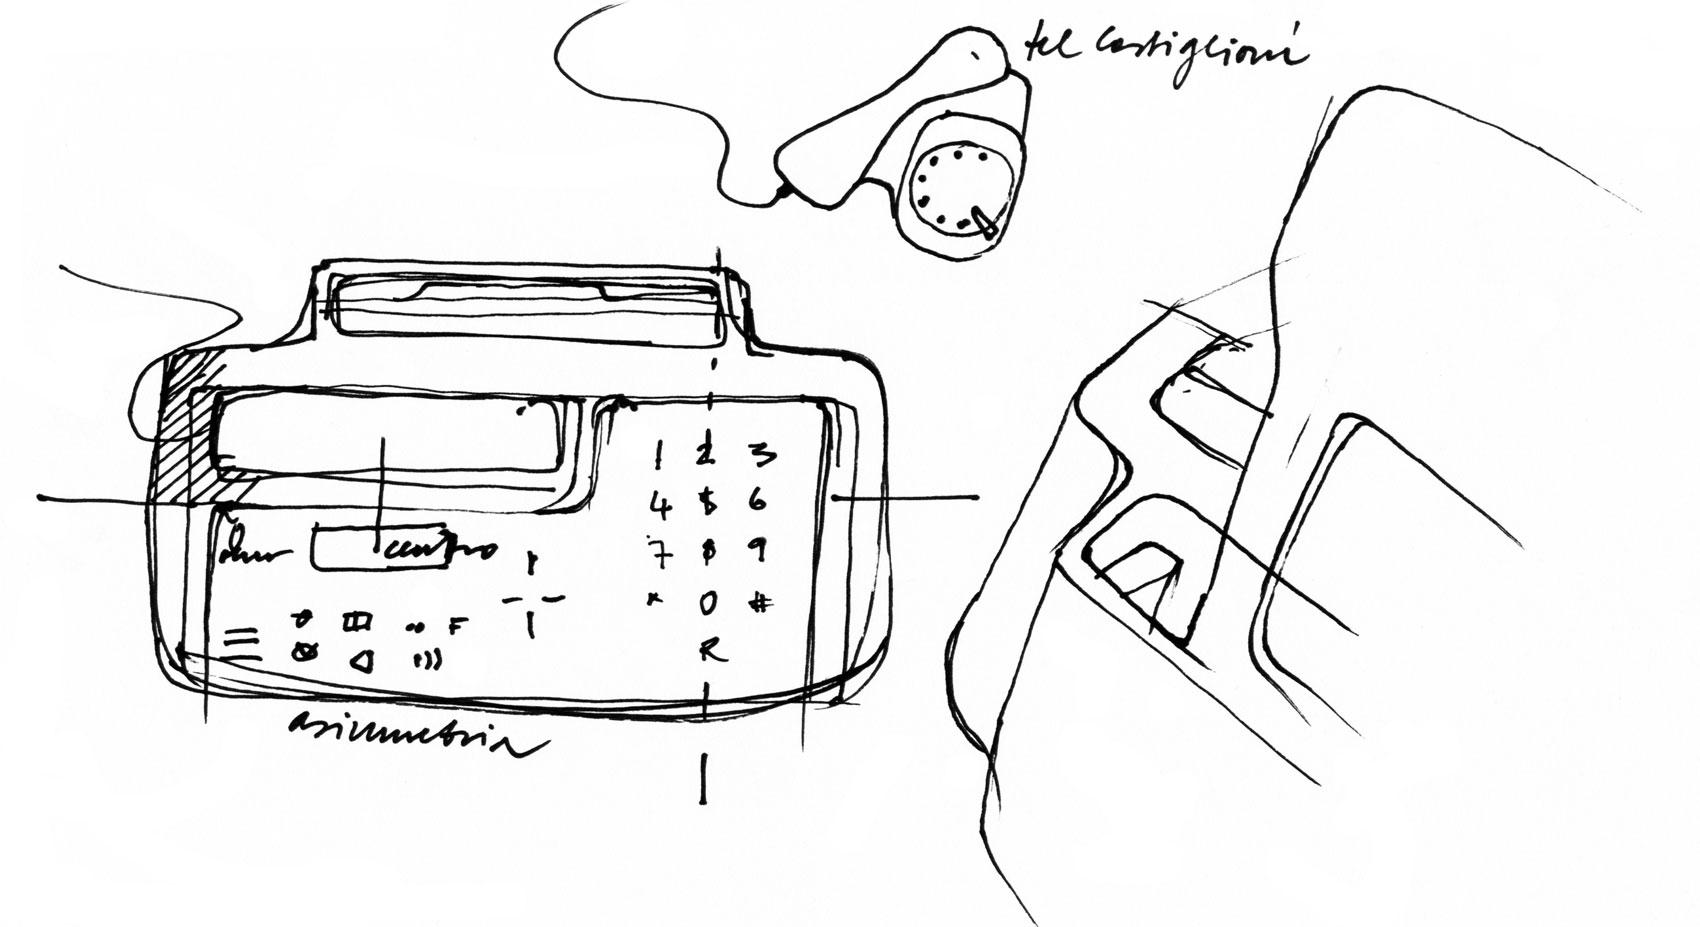 marco-zito-fax-05